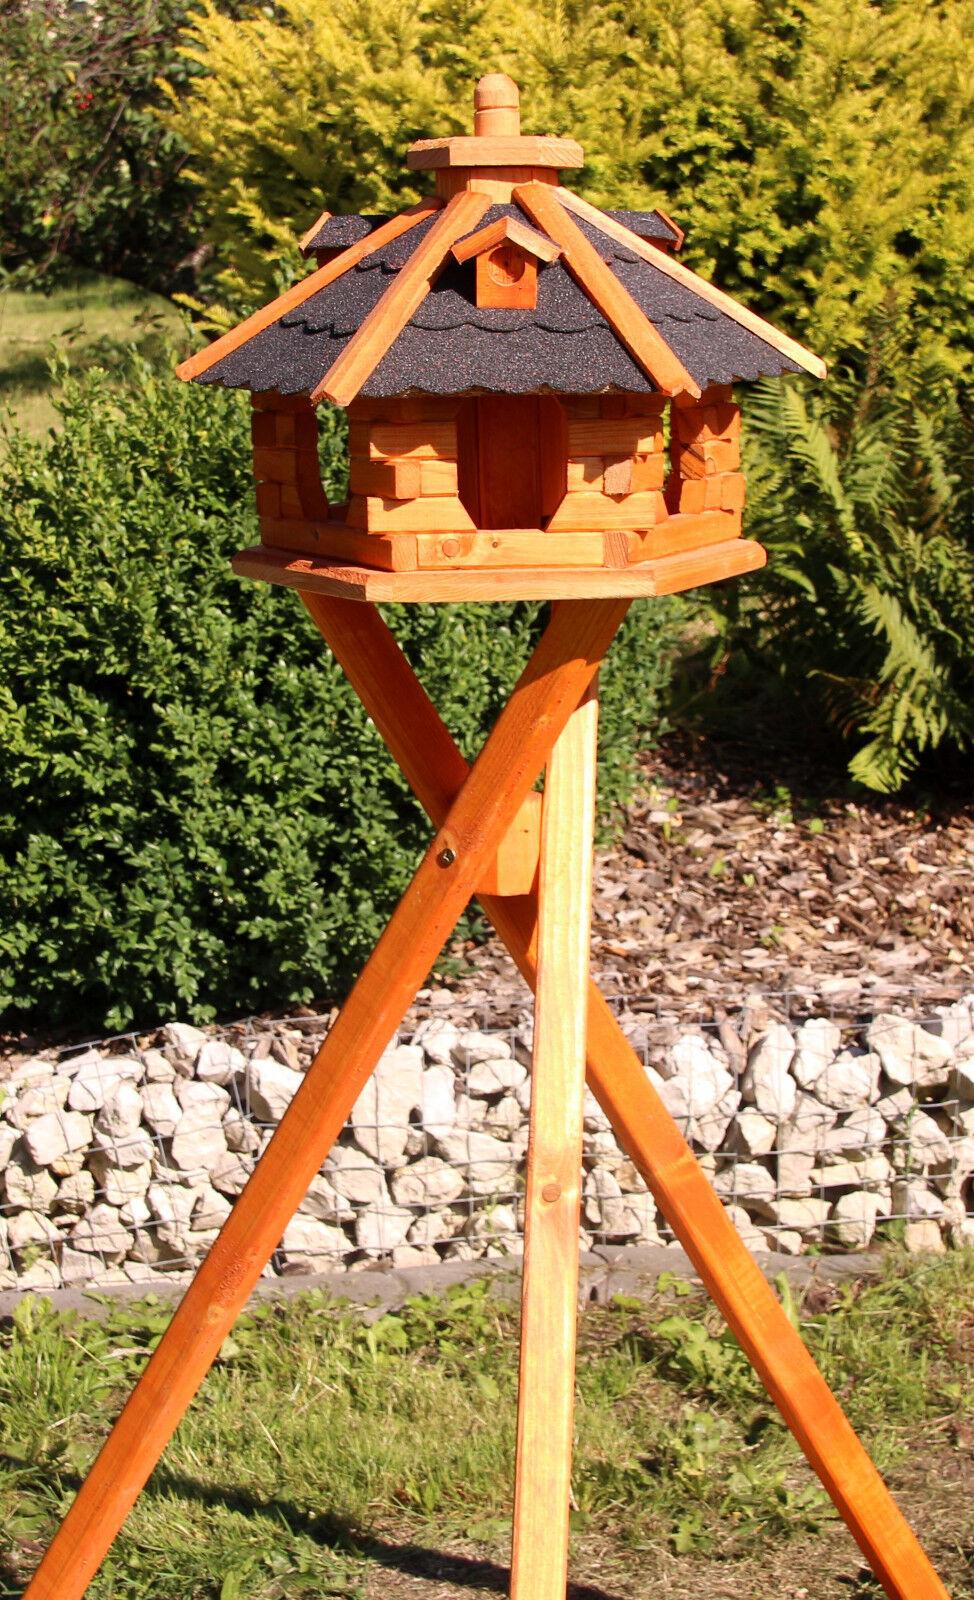 Vogelhäuser Vogelhaus mit Ständer behandelt Typ 4 | Erste in seiner Klasse  | Lebhaft  | Hochwertige Produkte